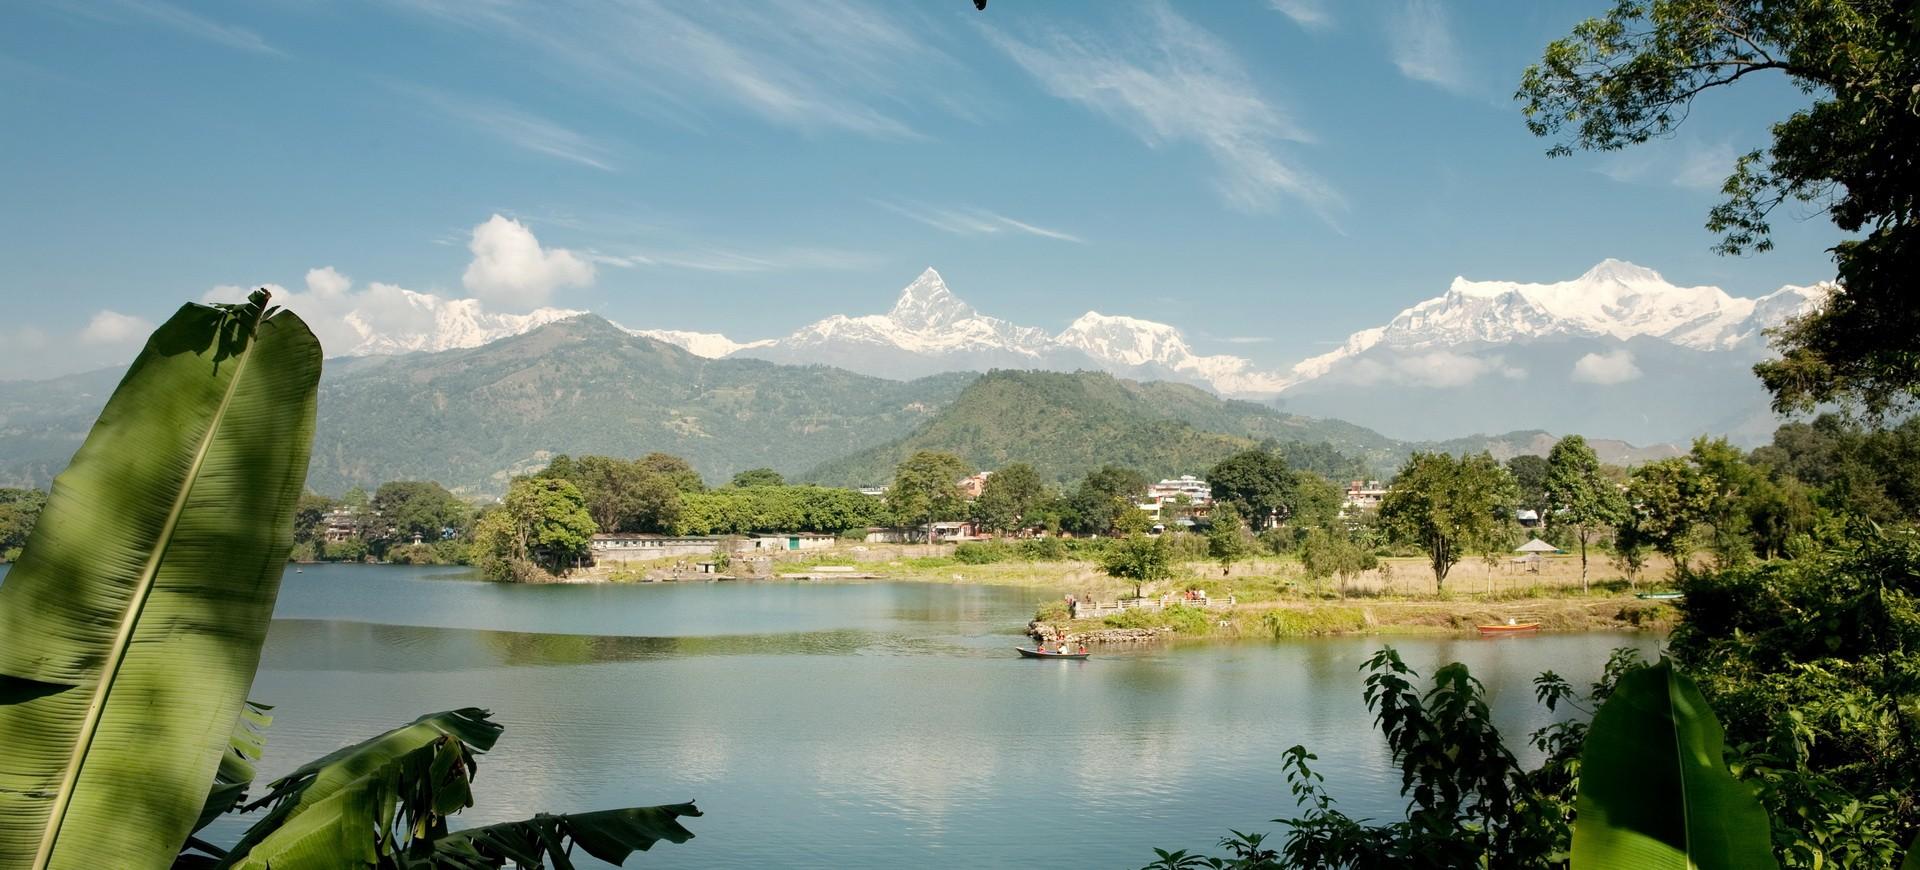 Népal Pokhara Lac Phewa 002